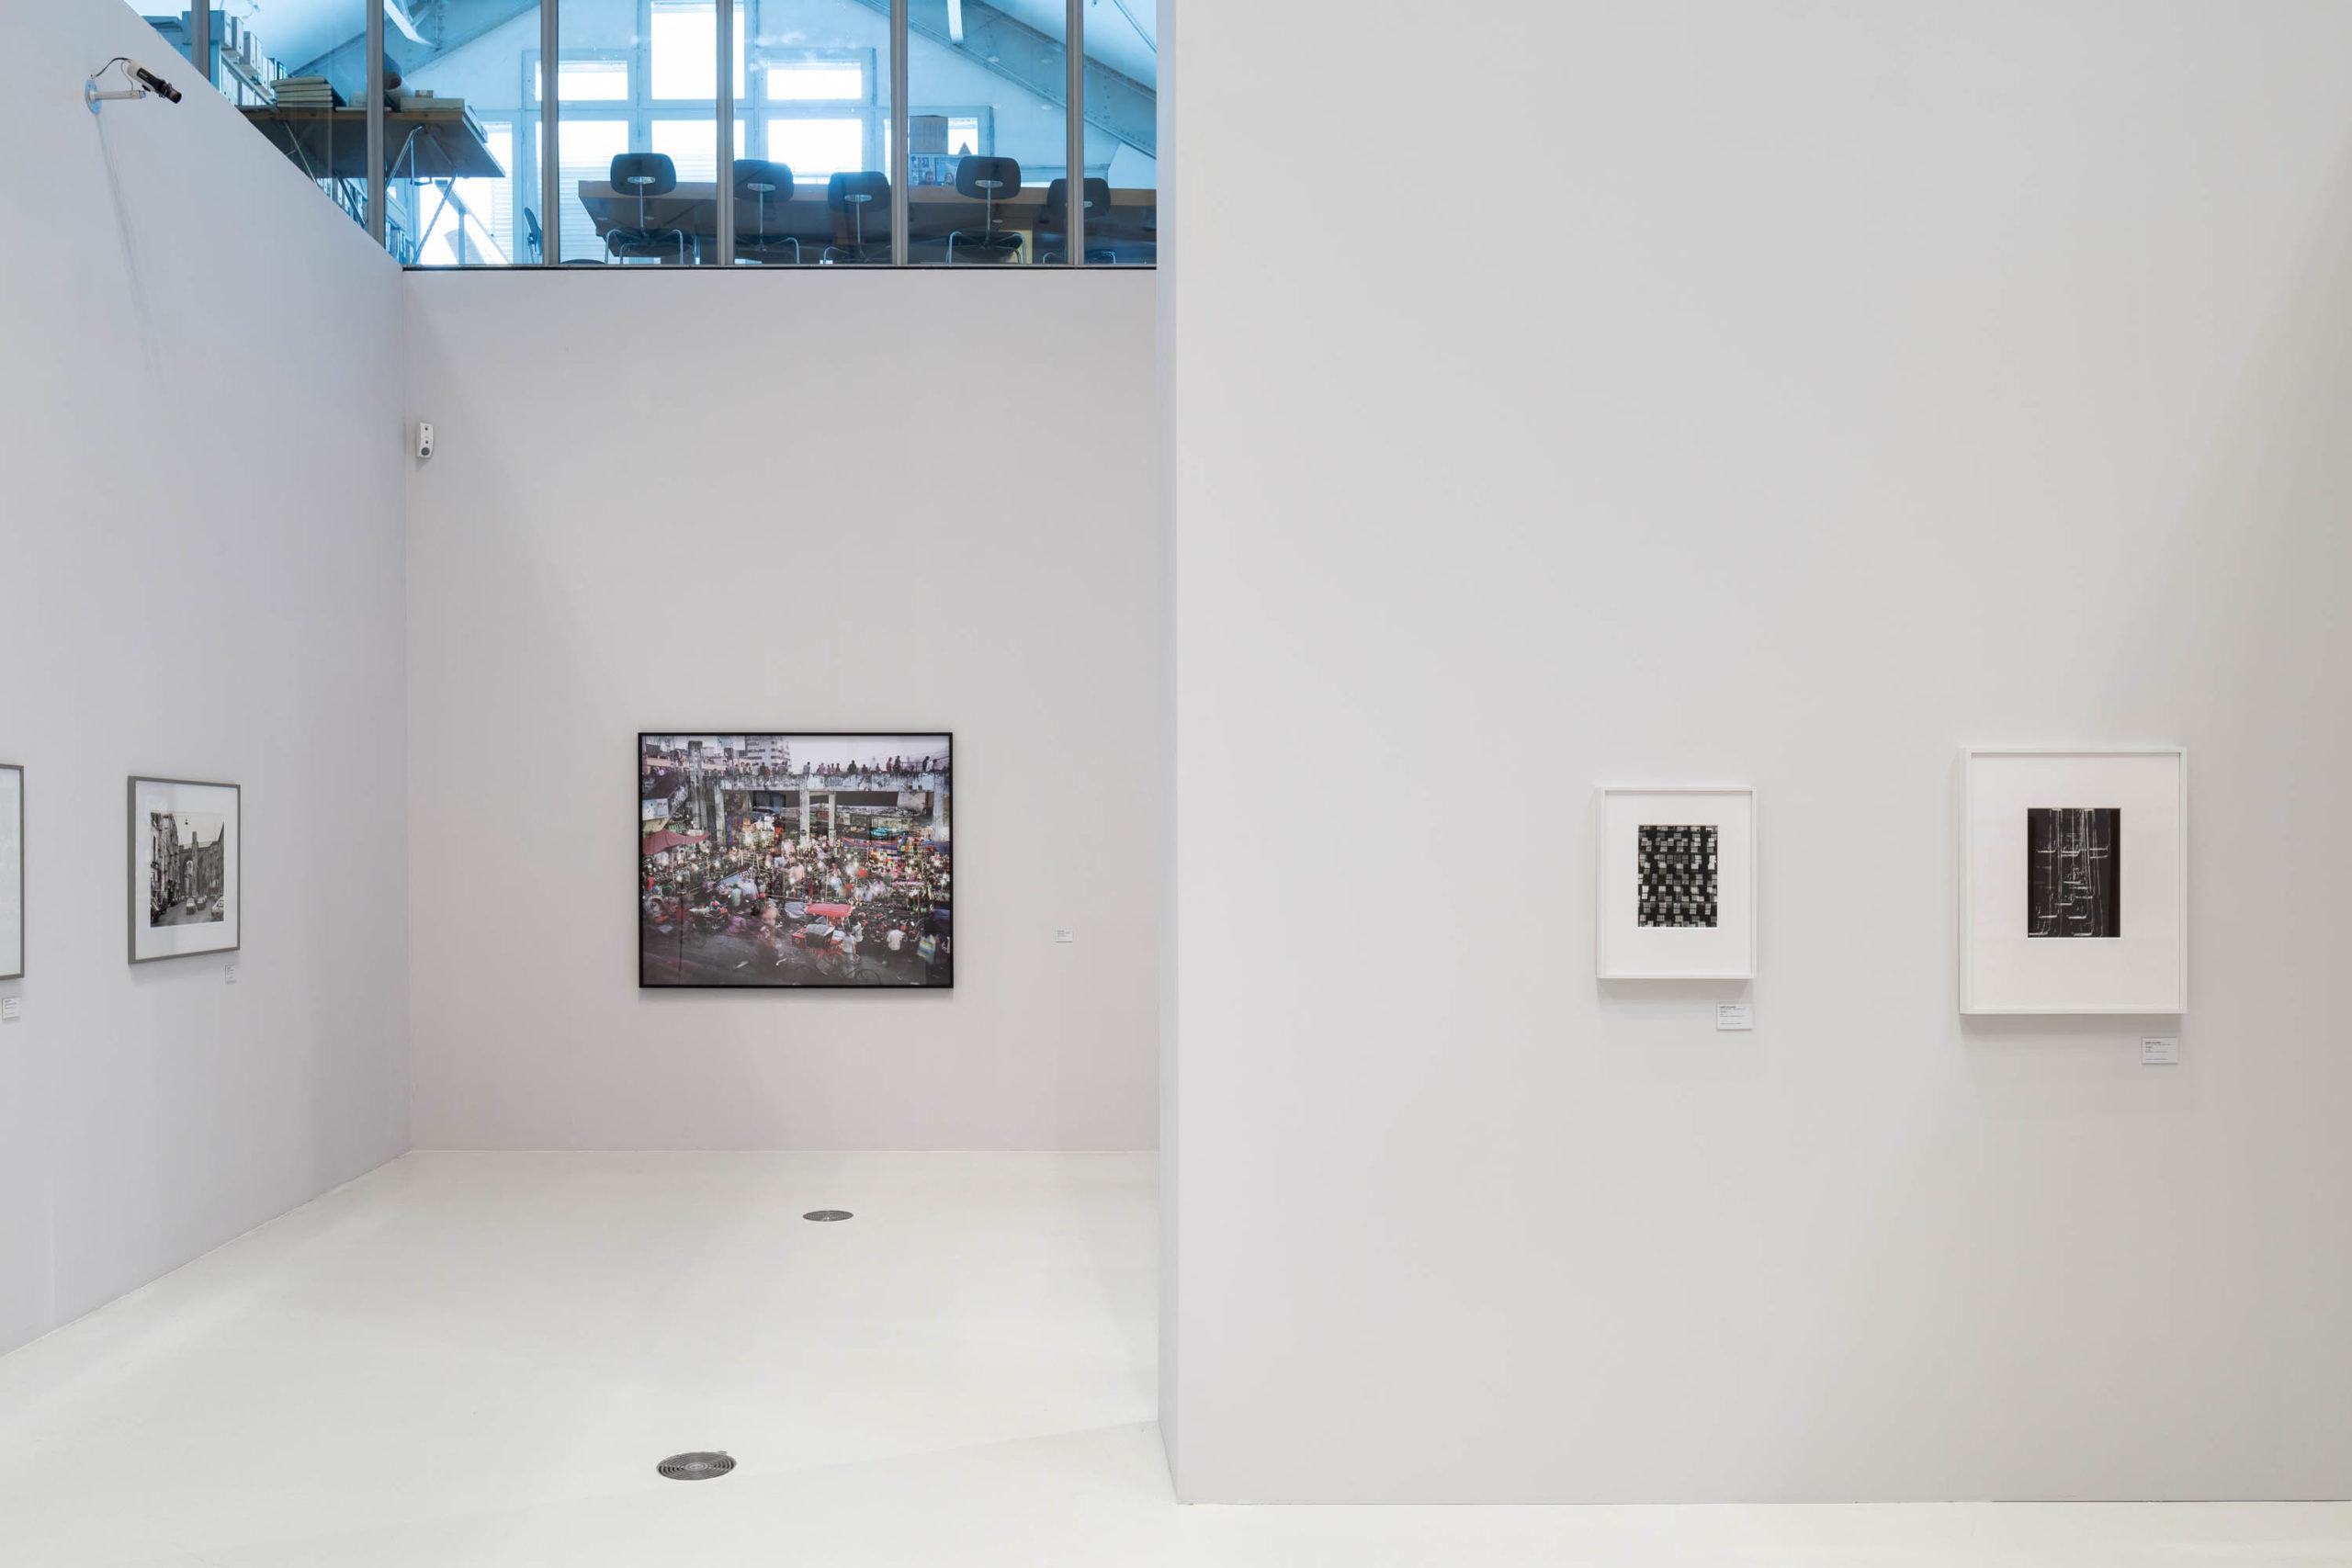 House of Photography, Deichtorhallen Hamburg, Germany